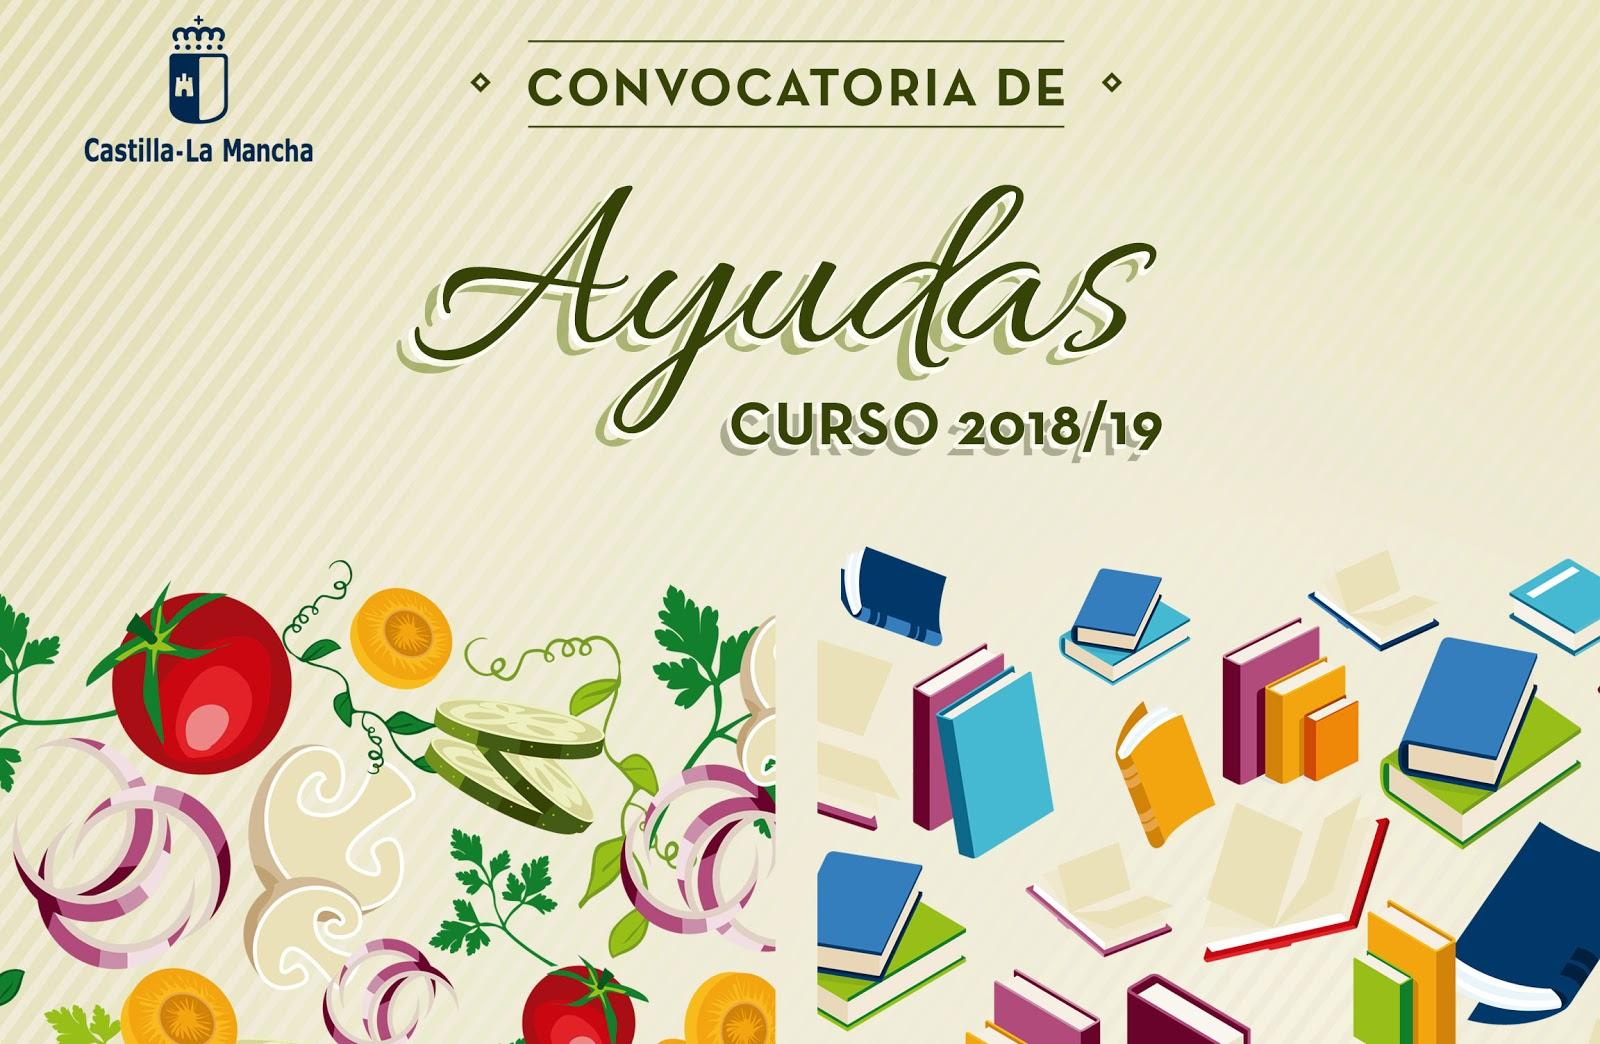 Convocatoria de ayudas - Libros de texto. Curso 2018/2019